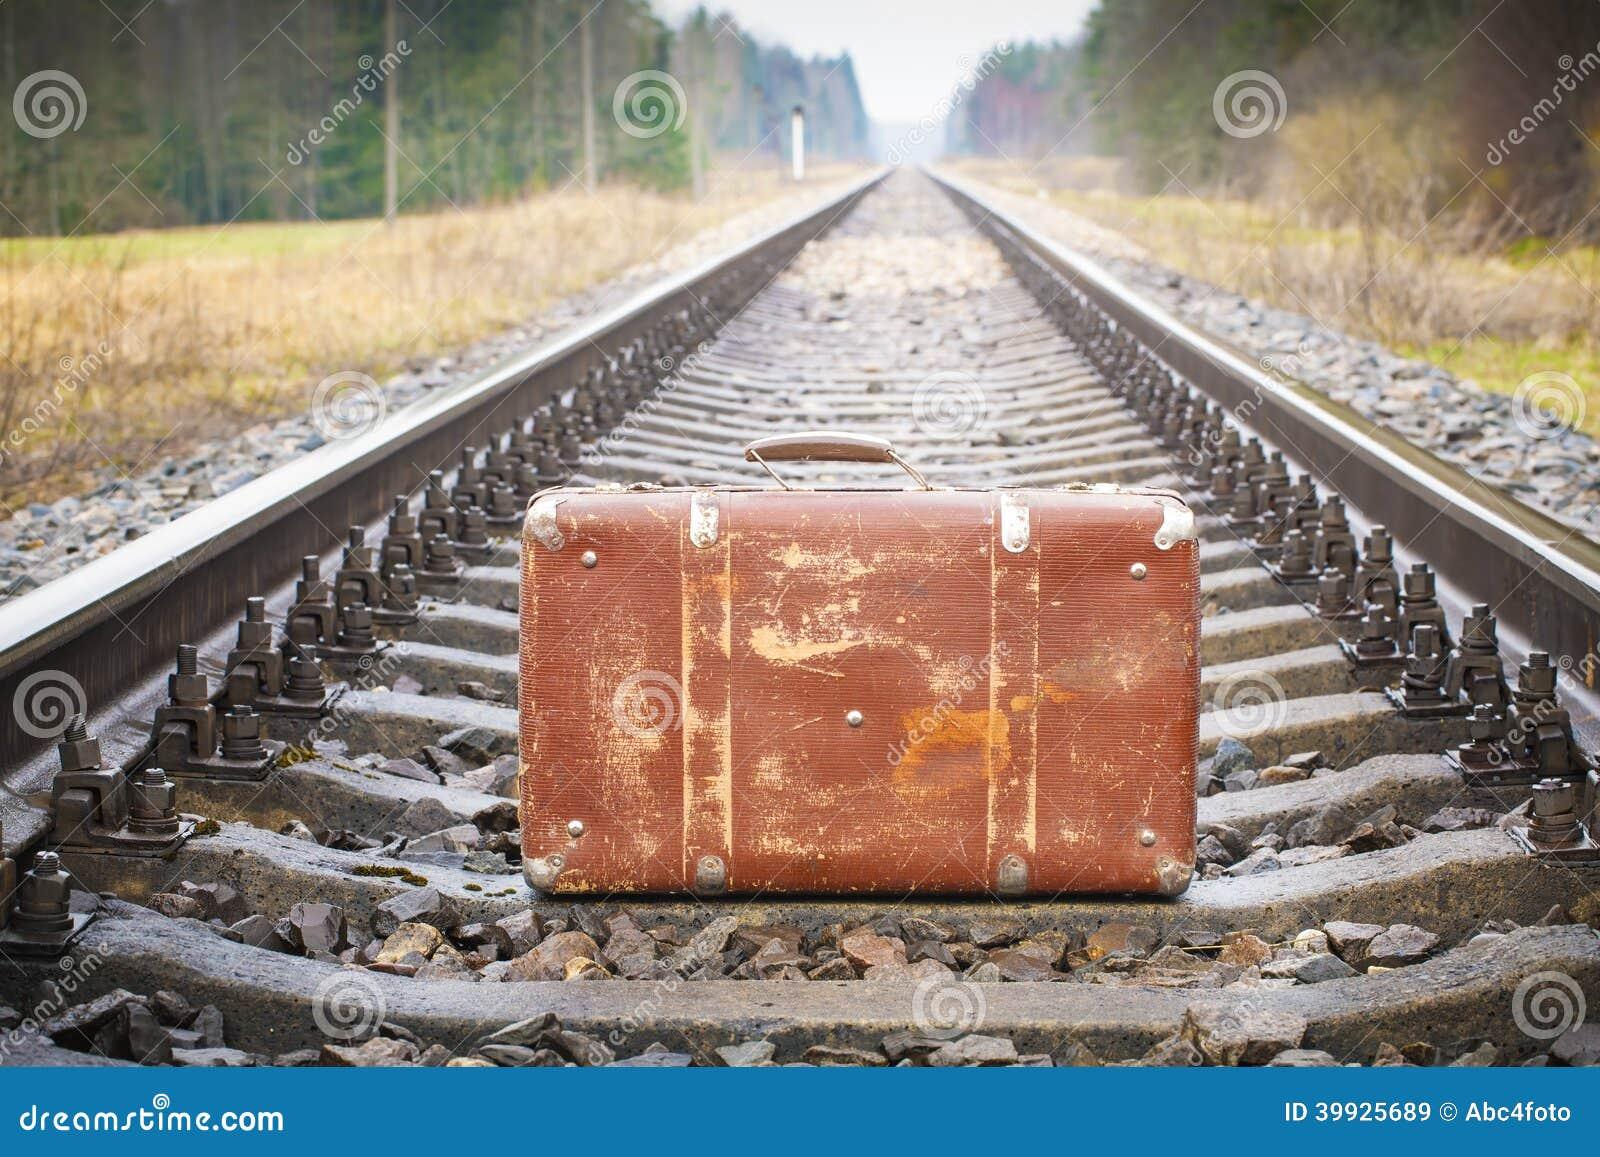 vieille valise sur le chemin de fer image stock image du concept ext rieur 39925689. Black Bedroom Furniture Sets. Home Design Ideas